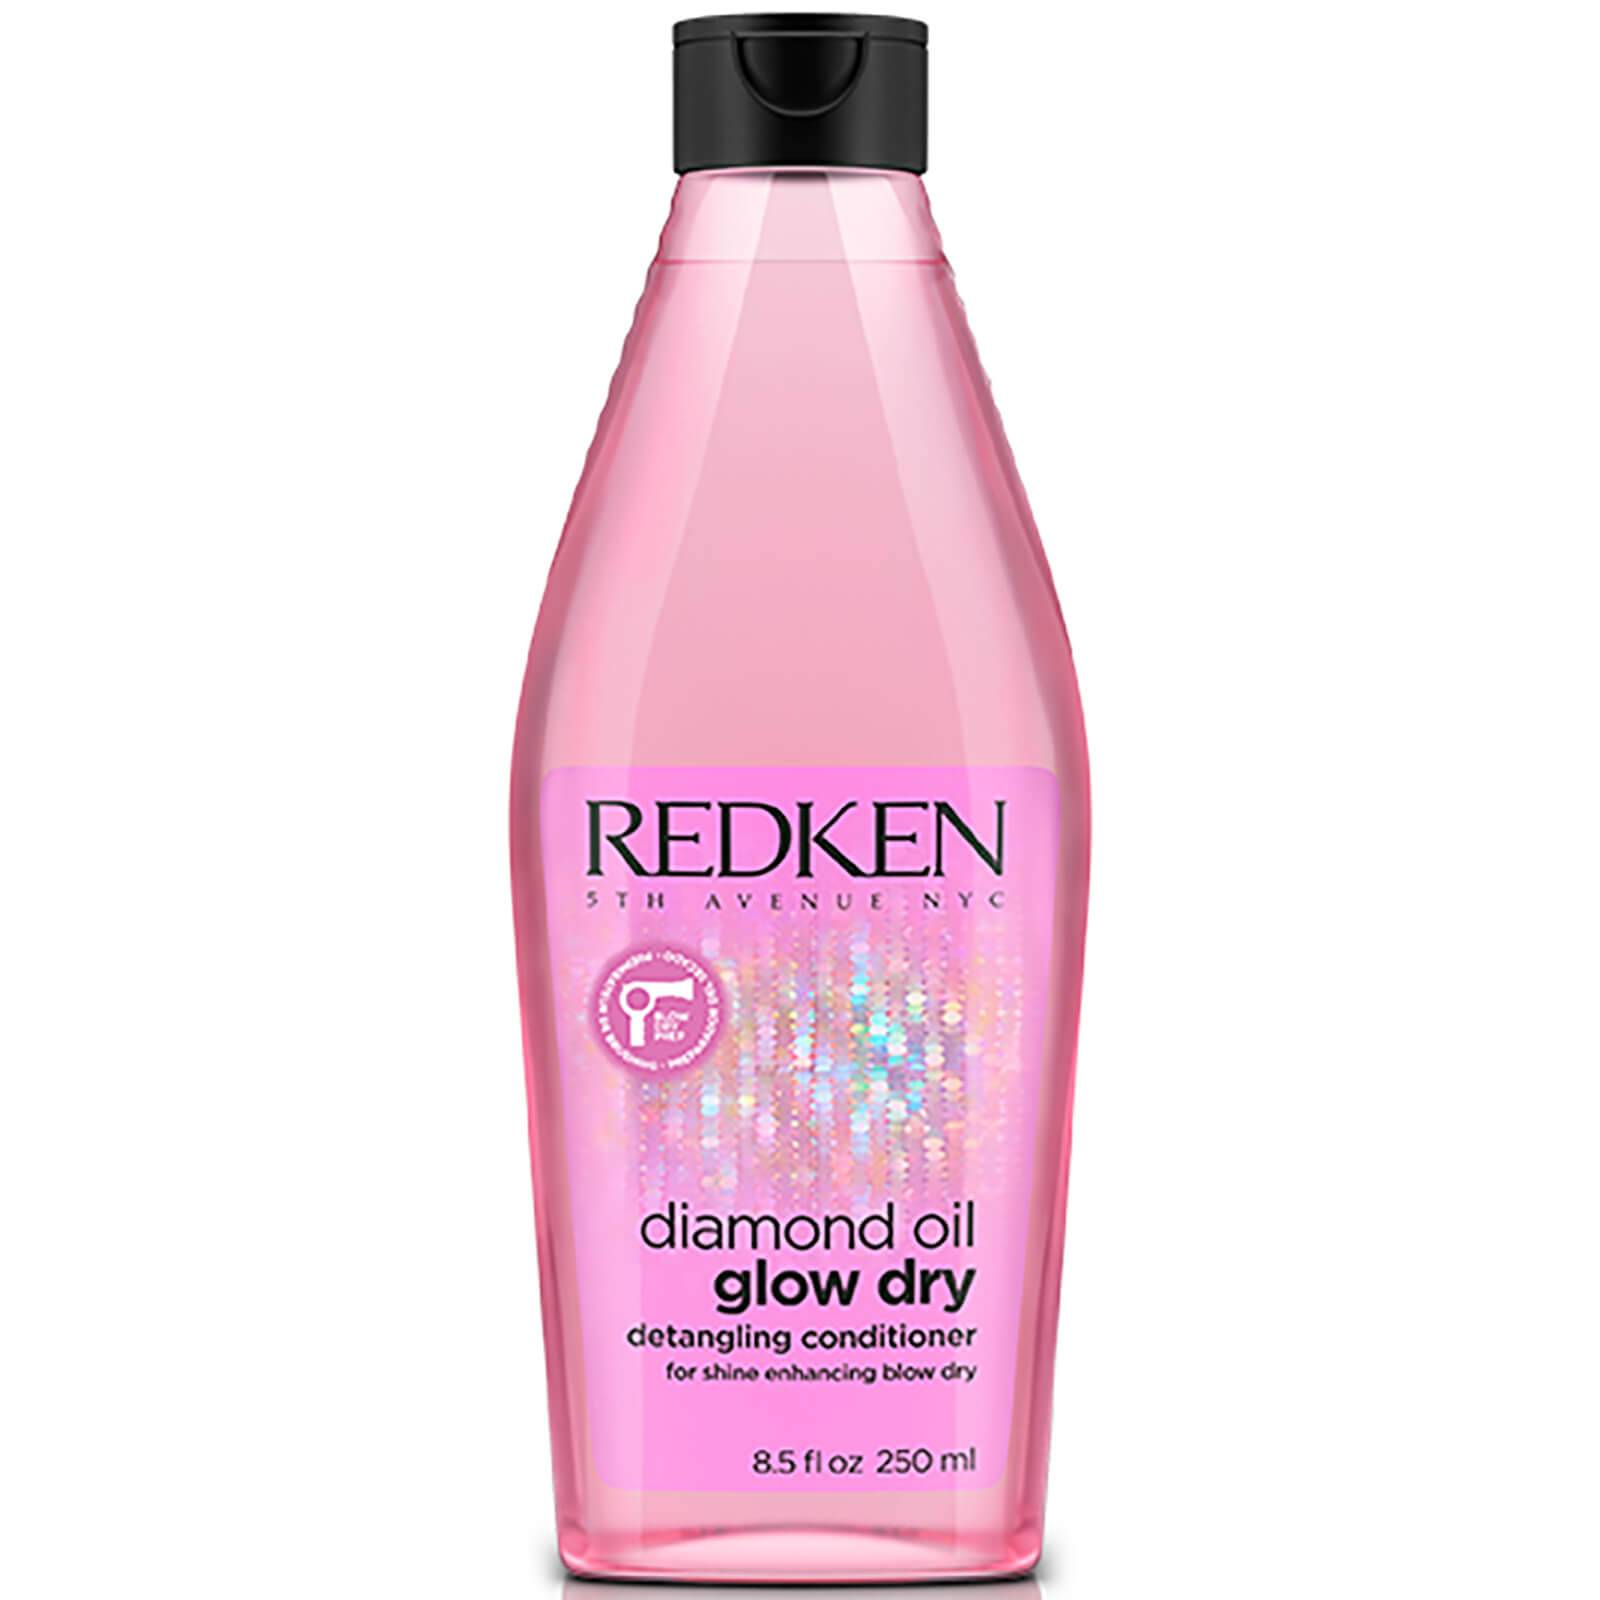 Redken Après-Shampooing Diamond Oil Glow Dry Redken 250ml